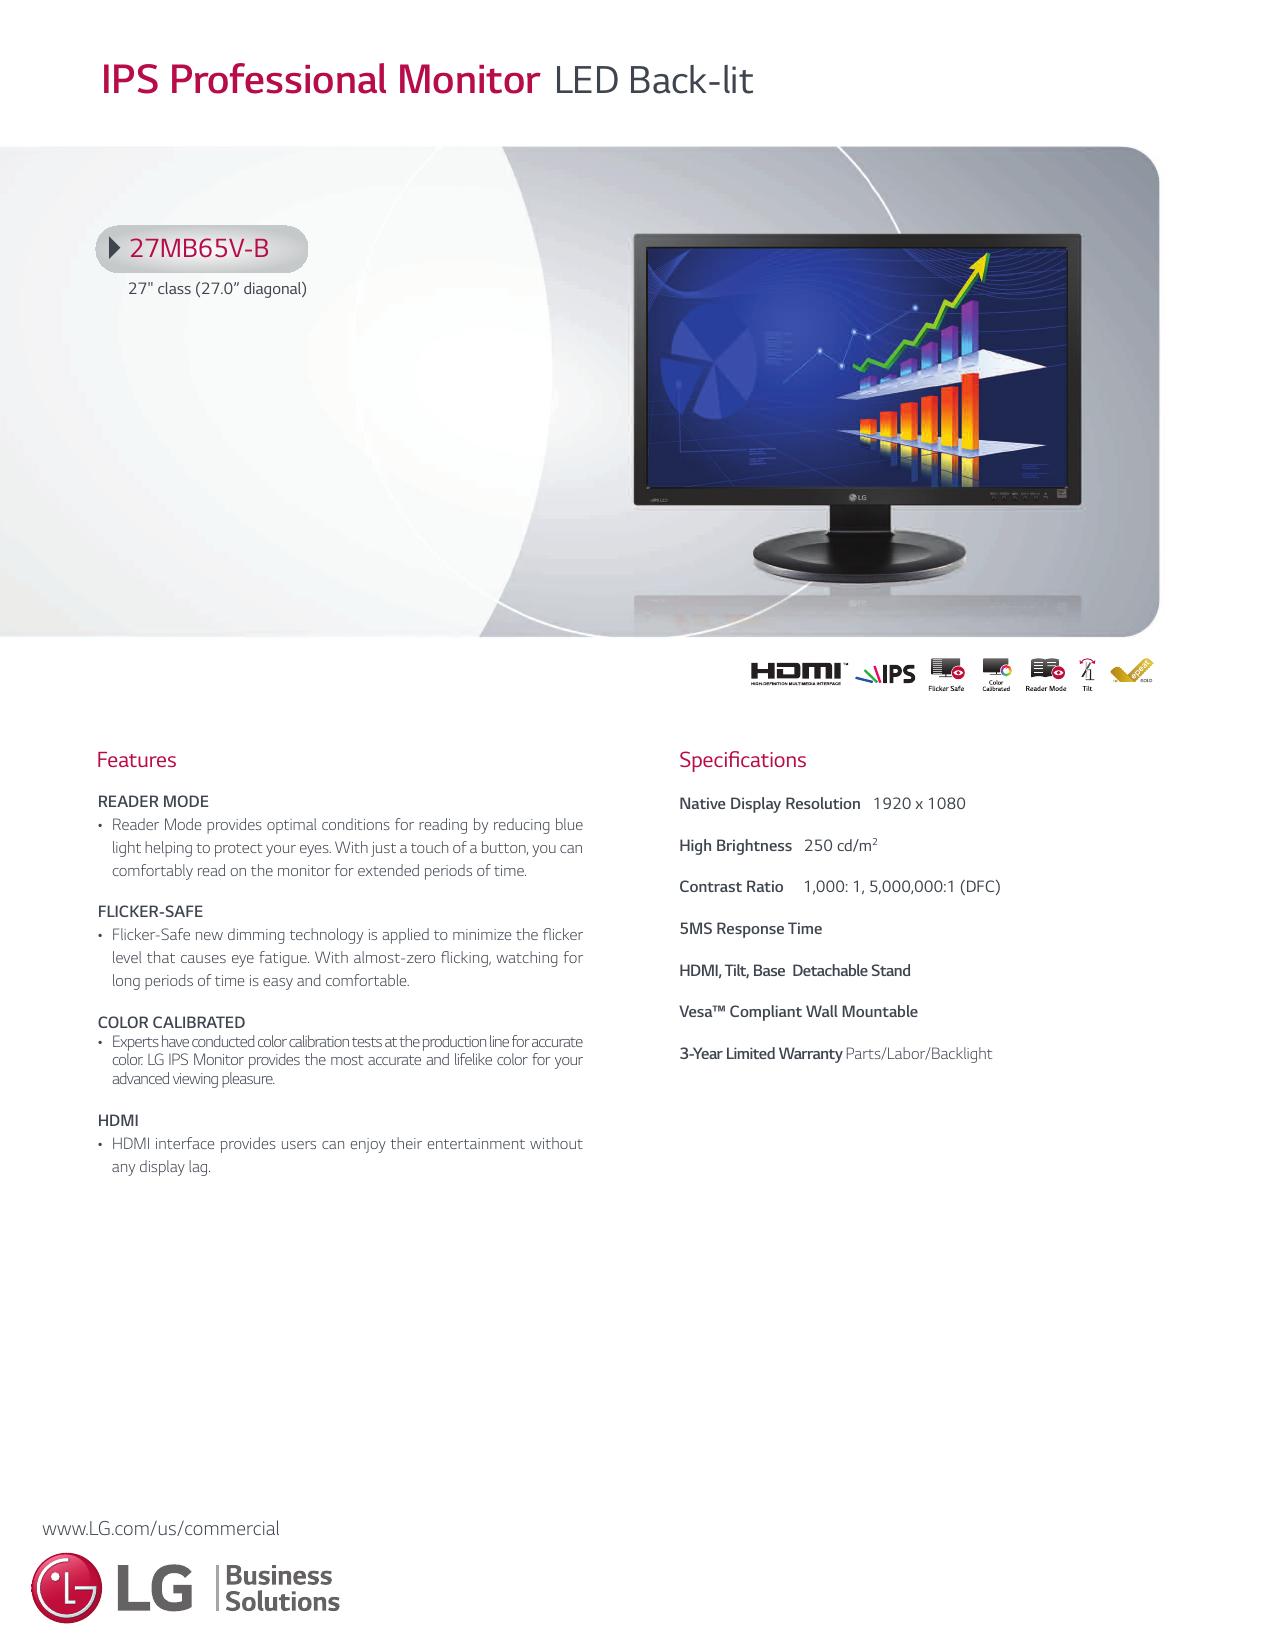 IPS Professional Monitor LED Back-lit | manualzz com